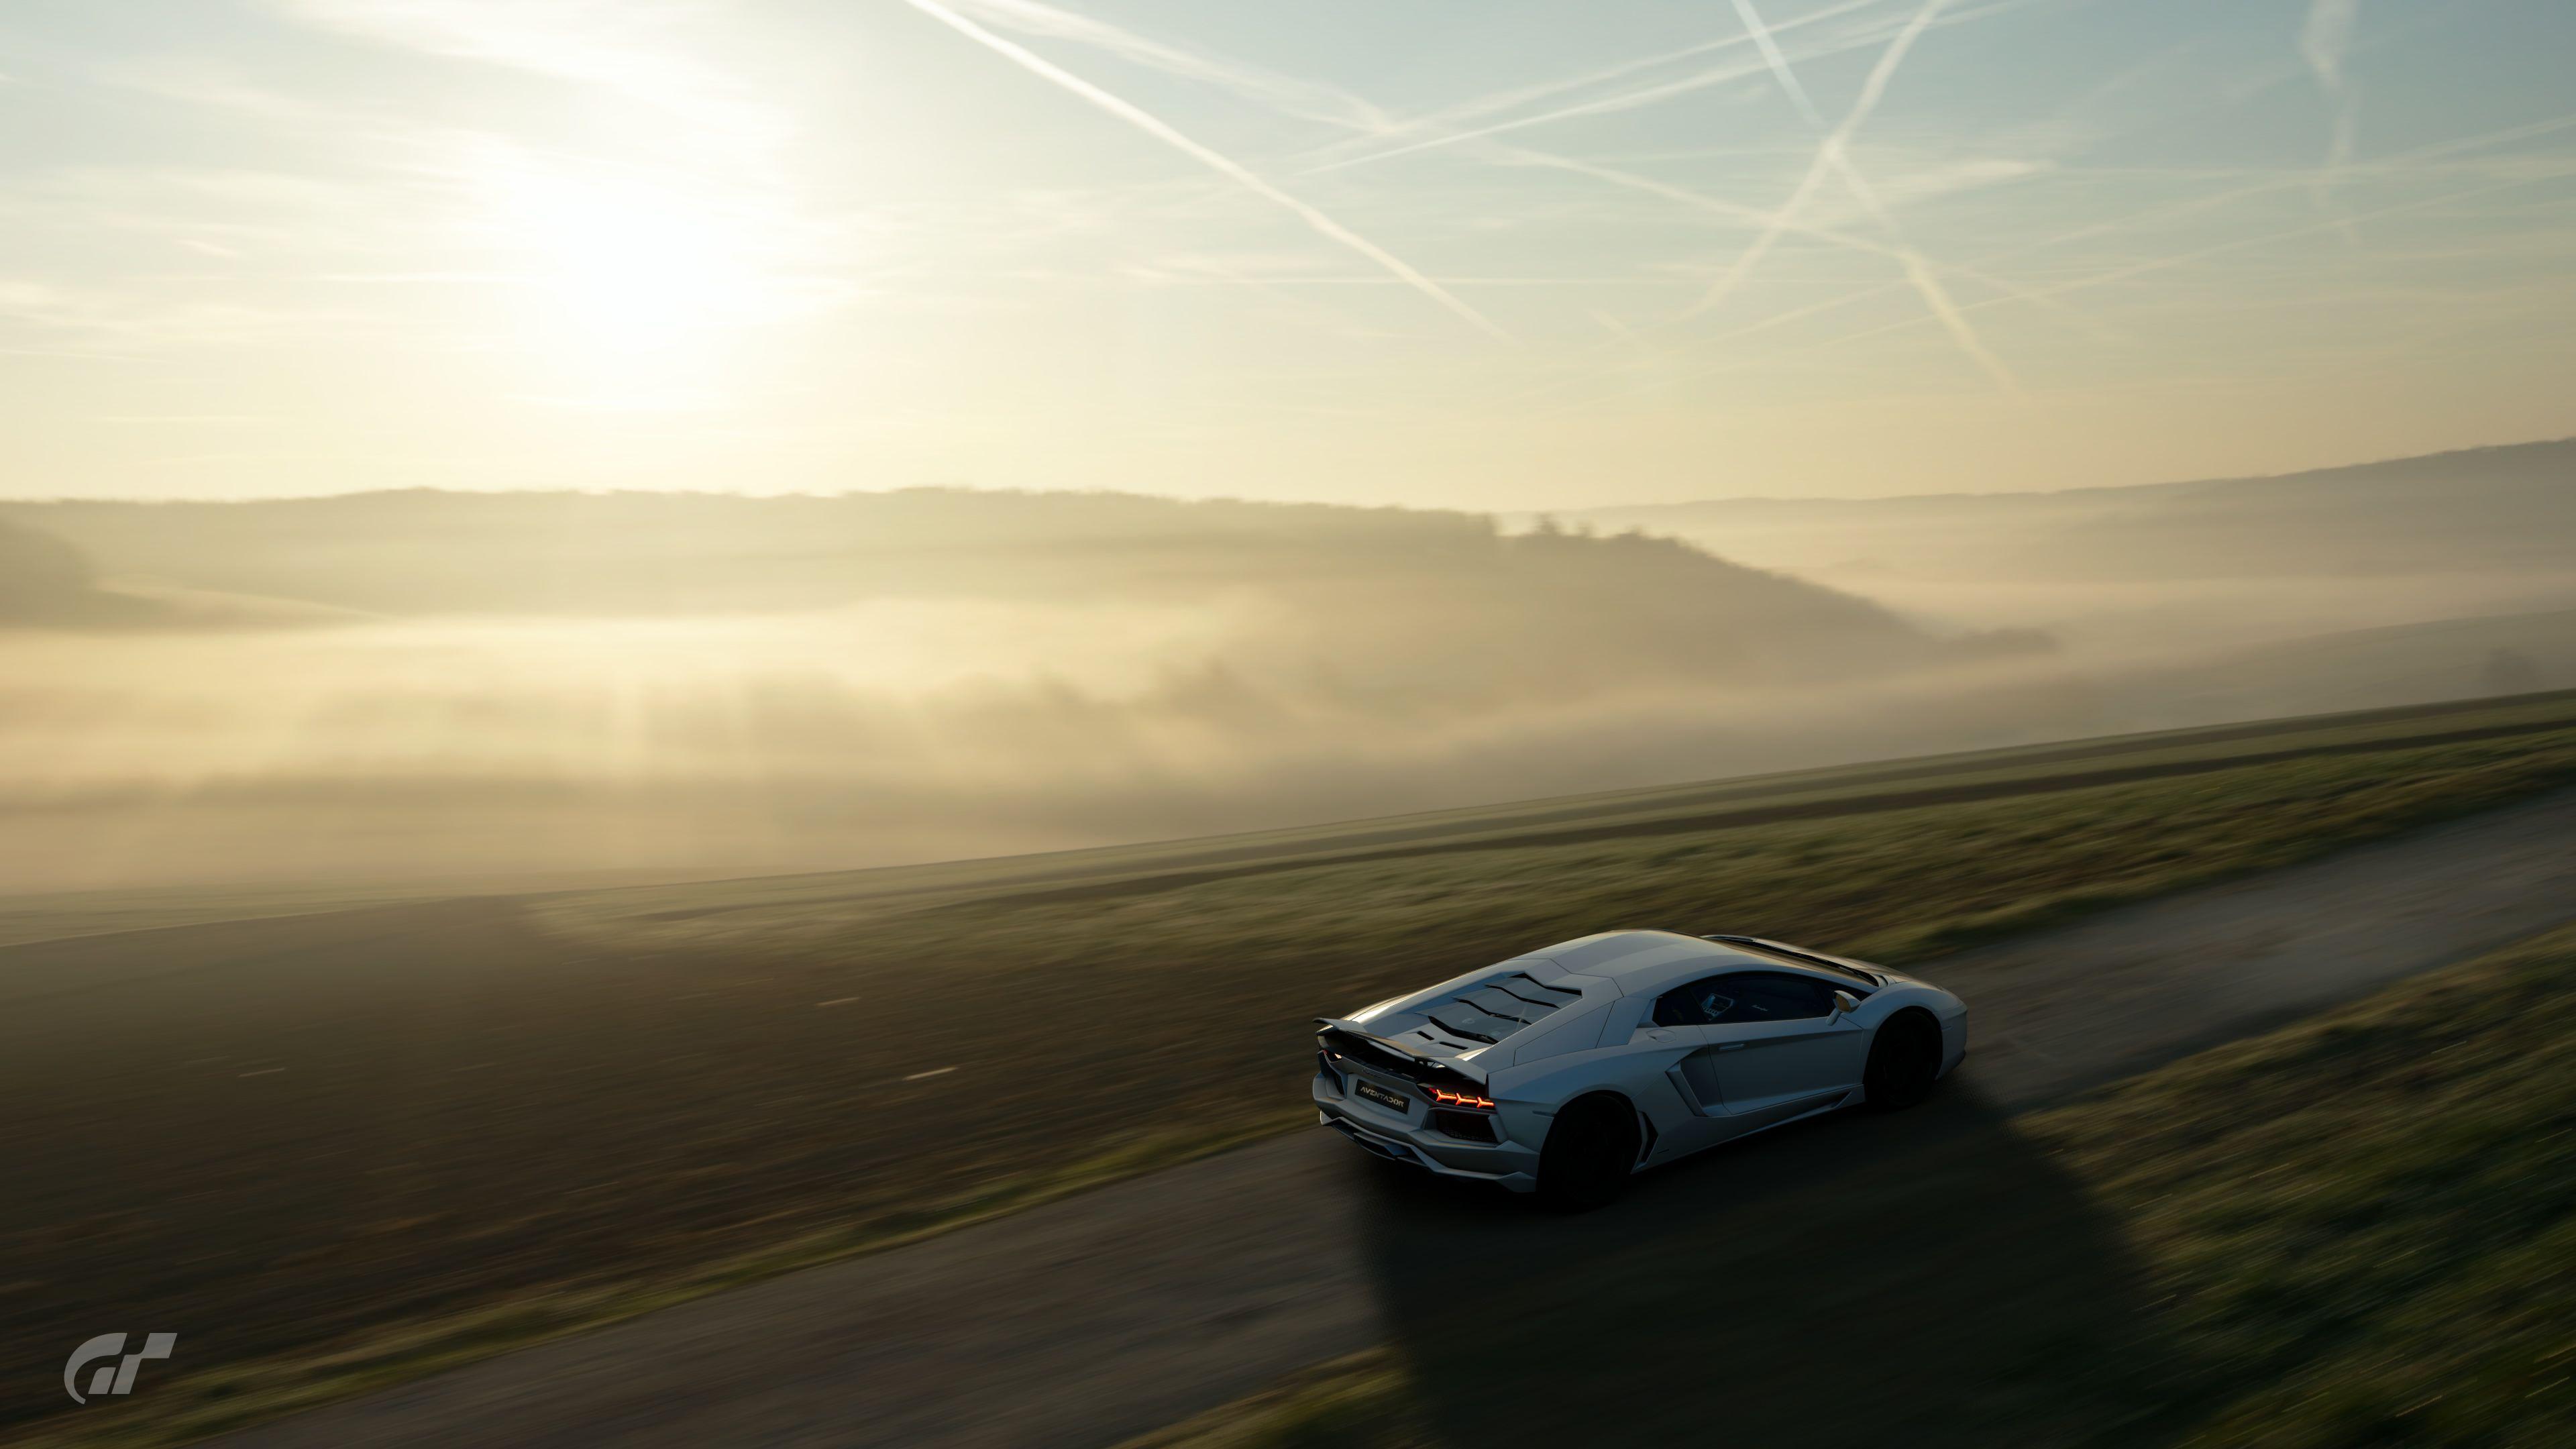 Lamborghini Aventador Gran Turismo 2019, Hd Games, - Gran Turismo Wallpaper 4k , HD Wallpaper & Backgrounds